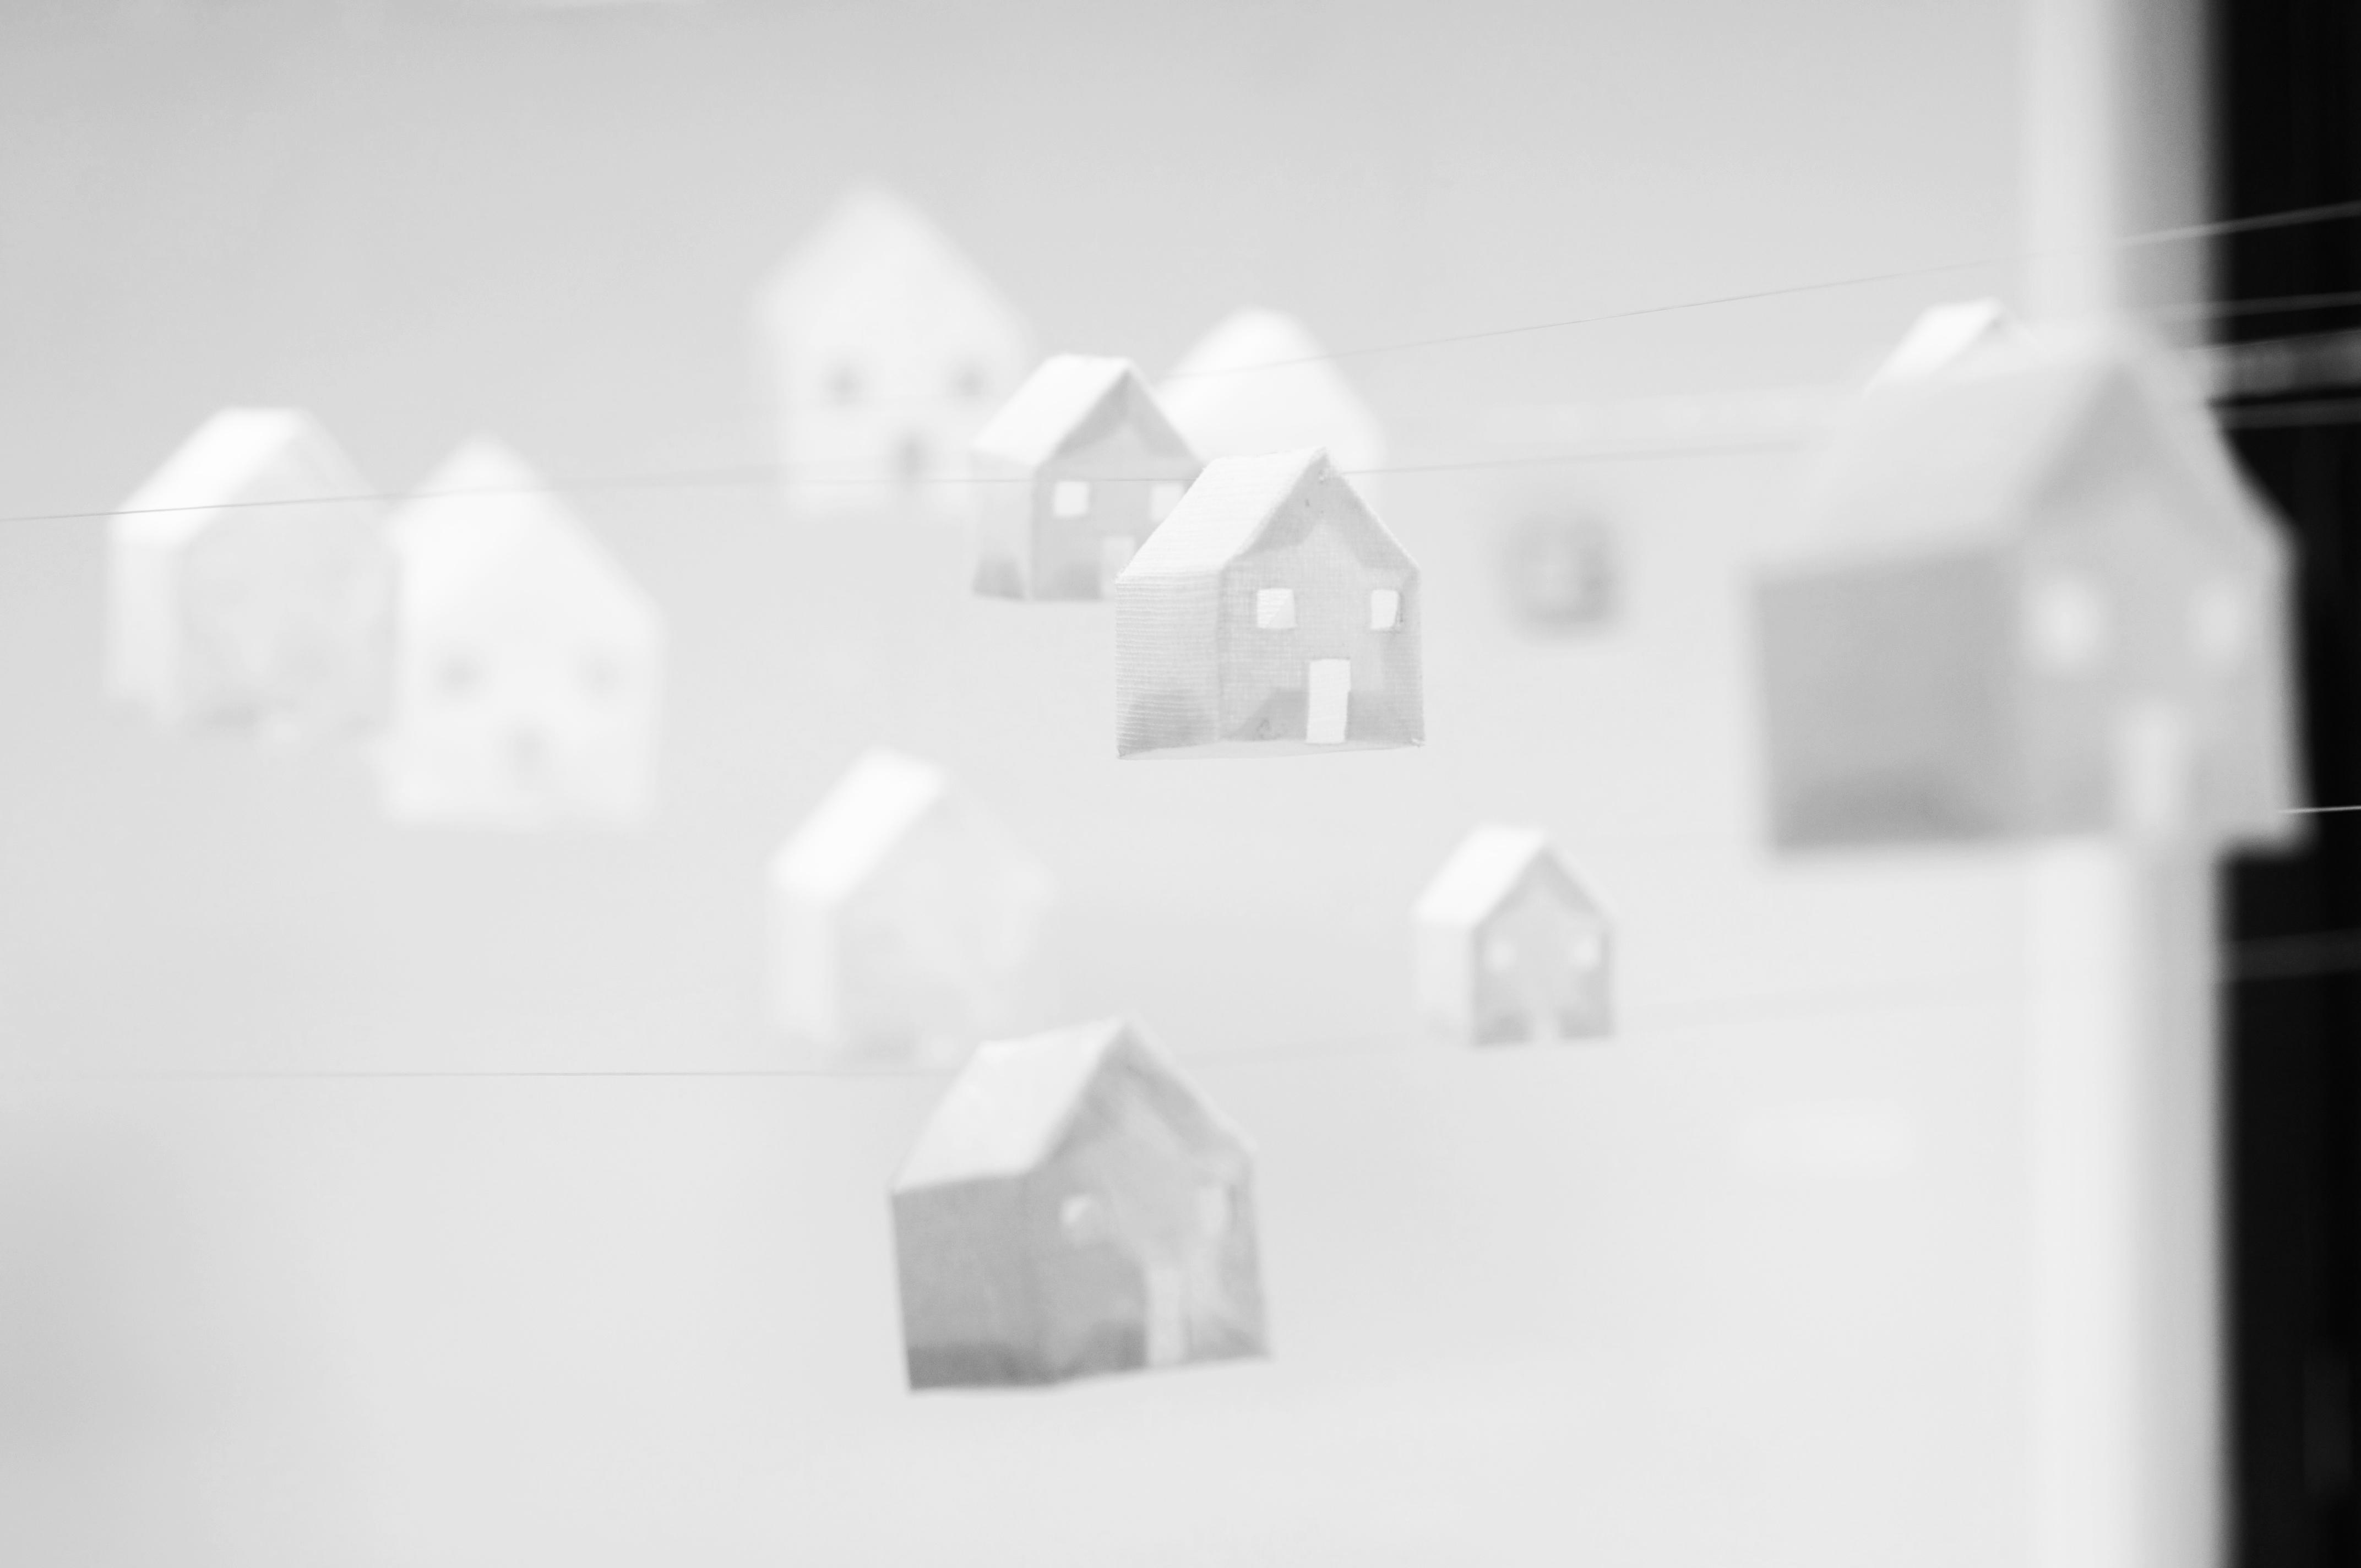 casitas blanco y negro mejoradas